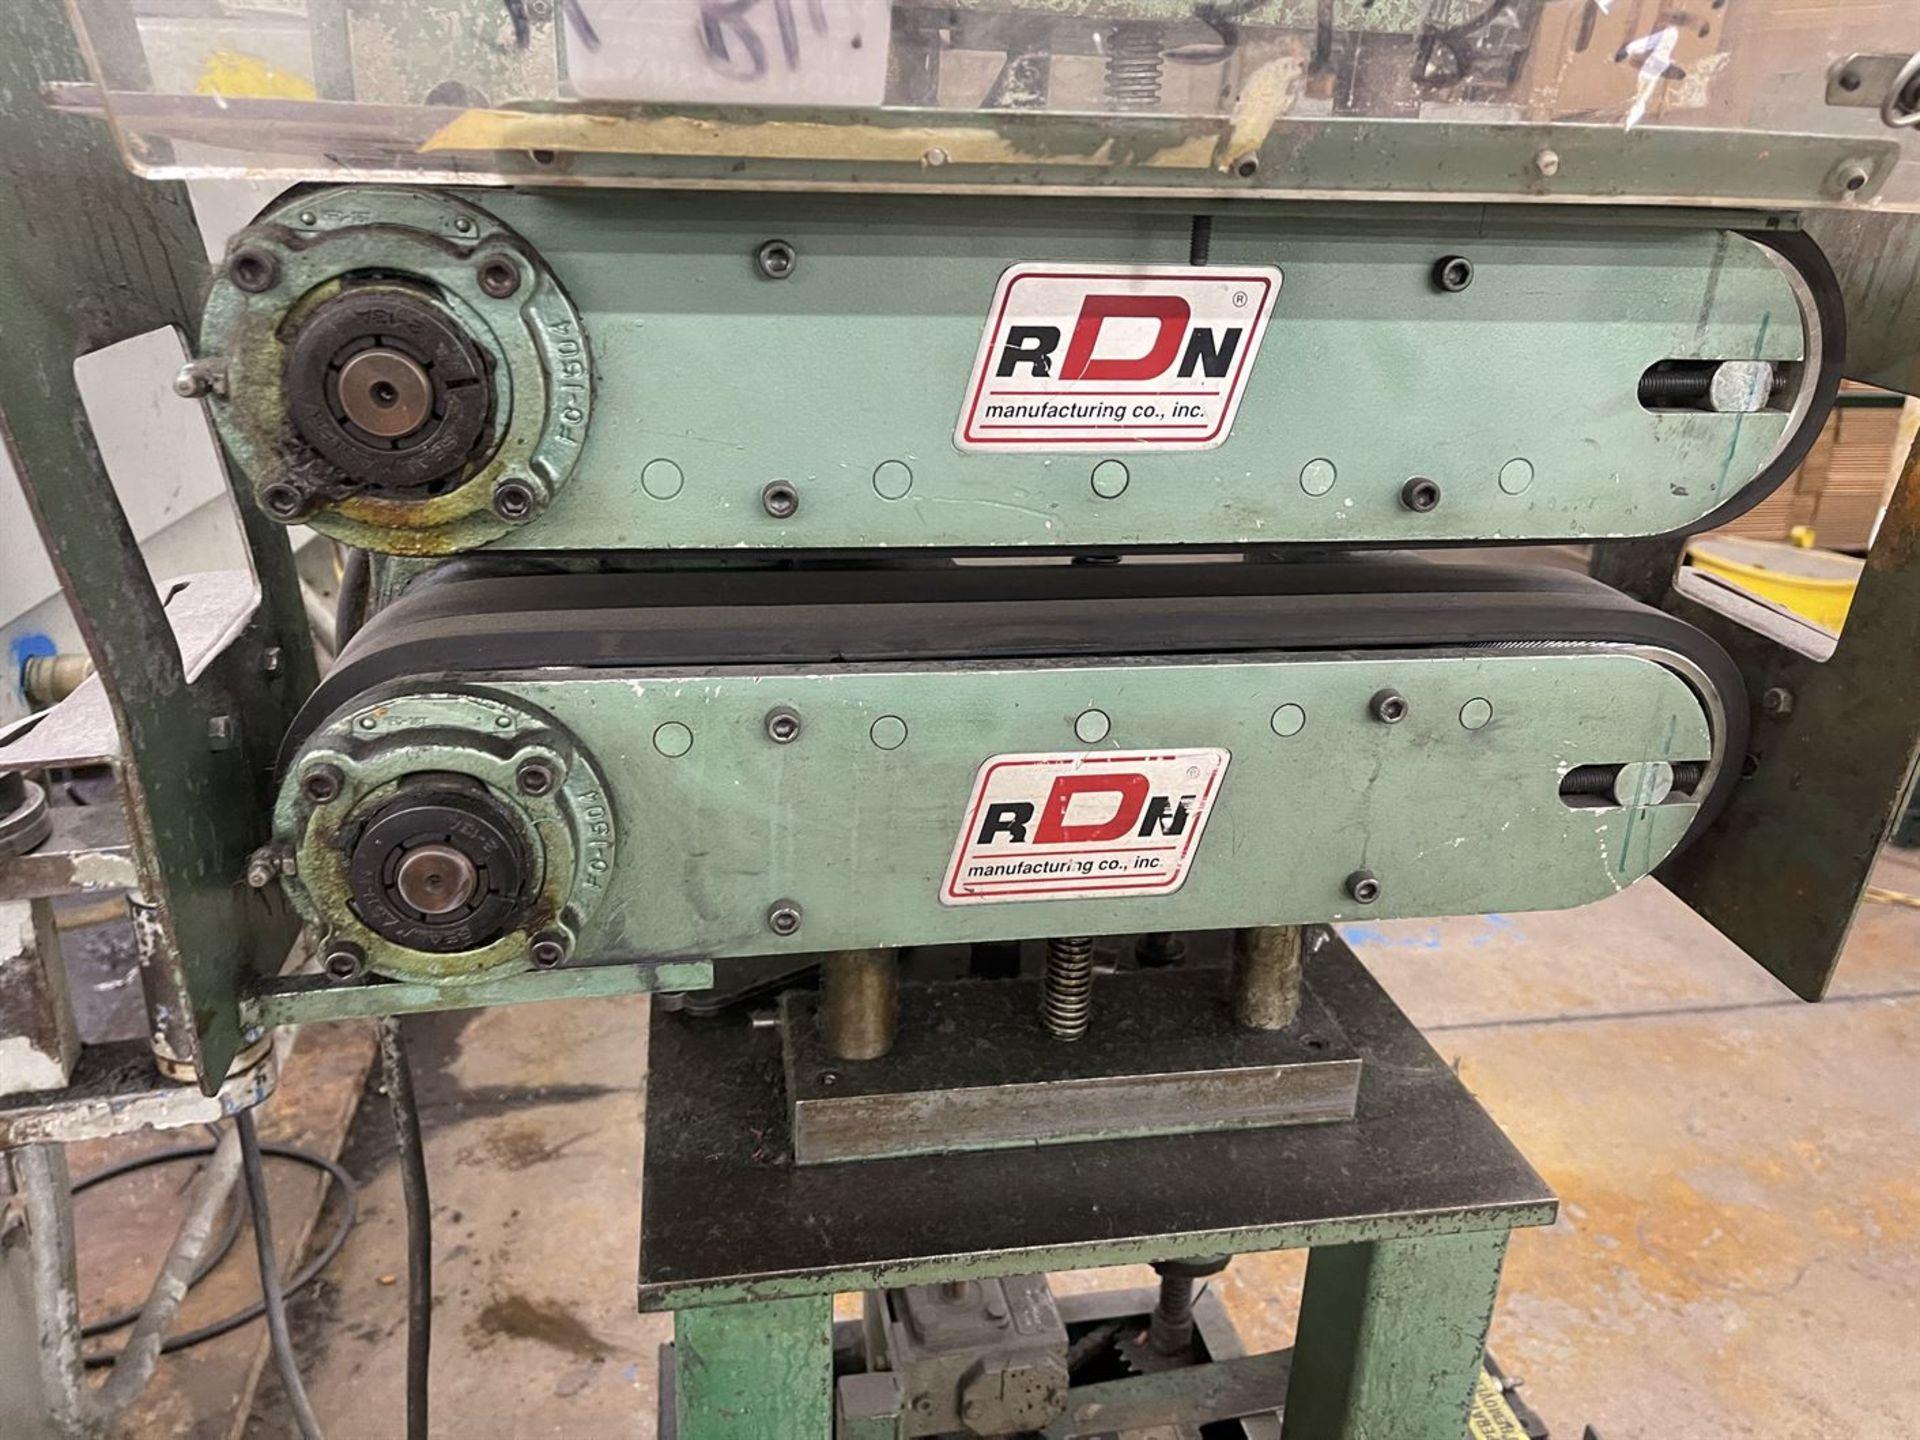 RDN 218-3 Puller, s/n 37423 - Image 3 of 4